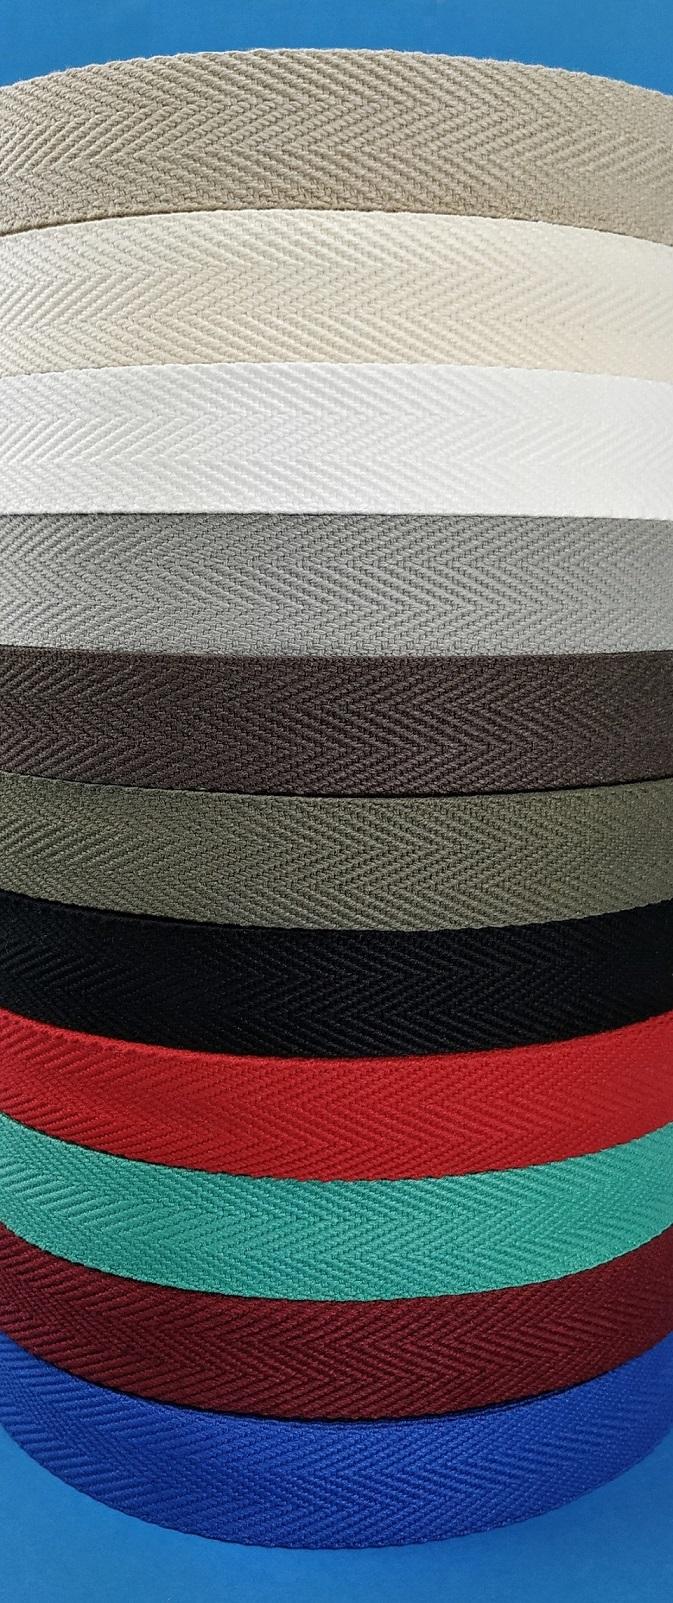 Cinta de algodón de espiga cinta 30mm Ancho-Natural-Por Metro